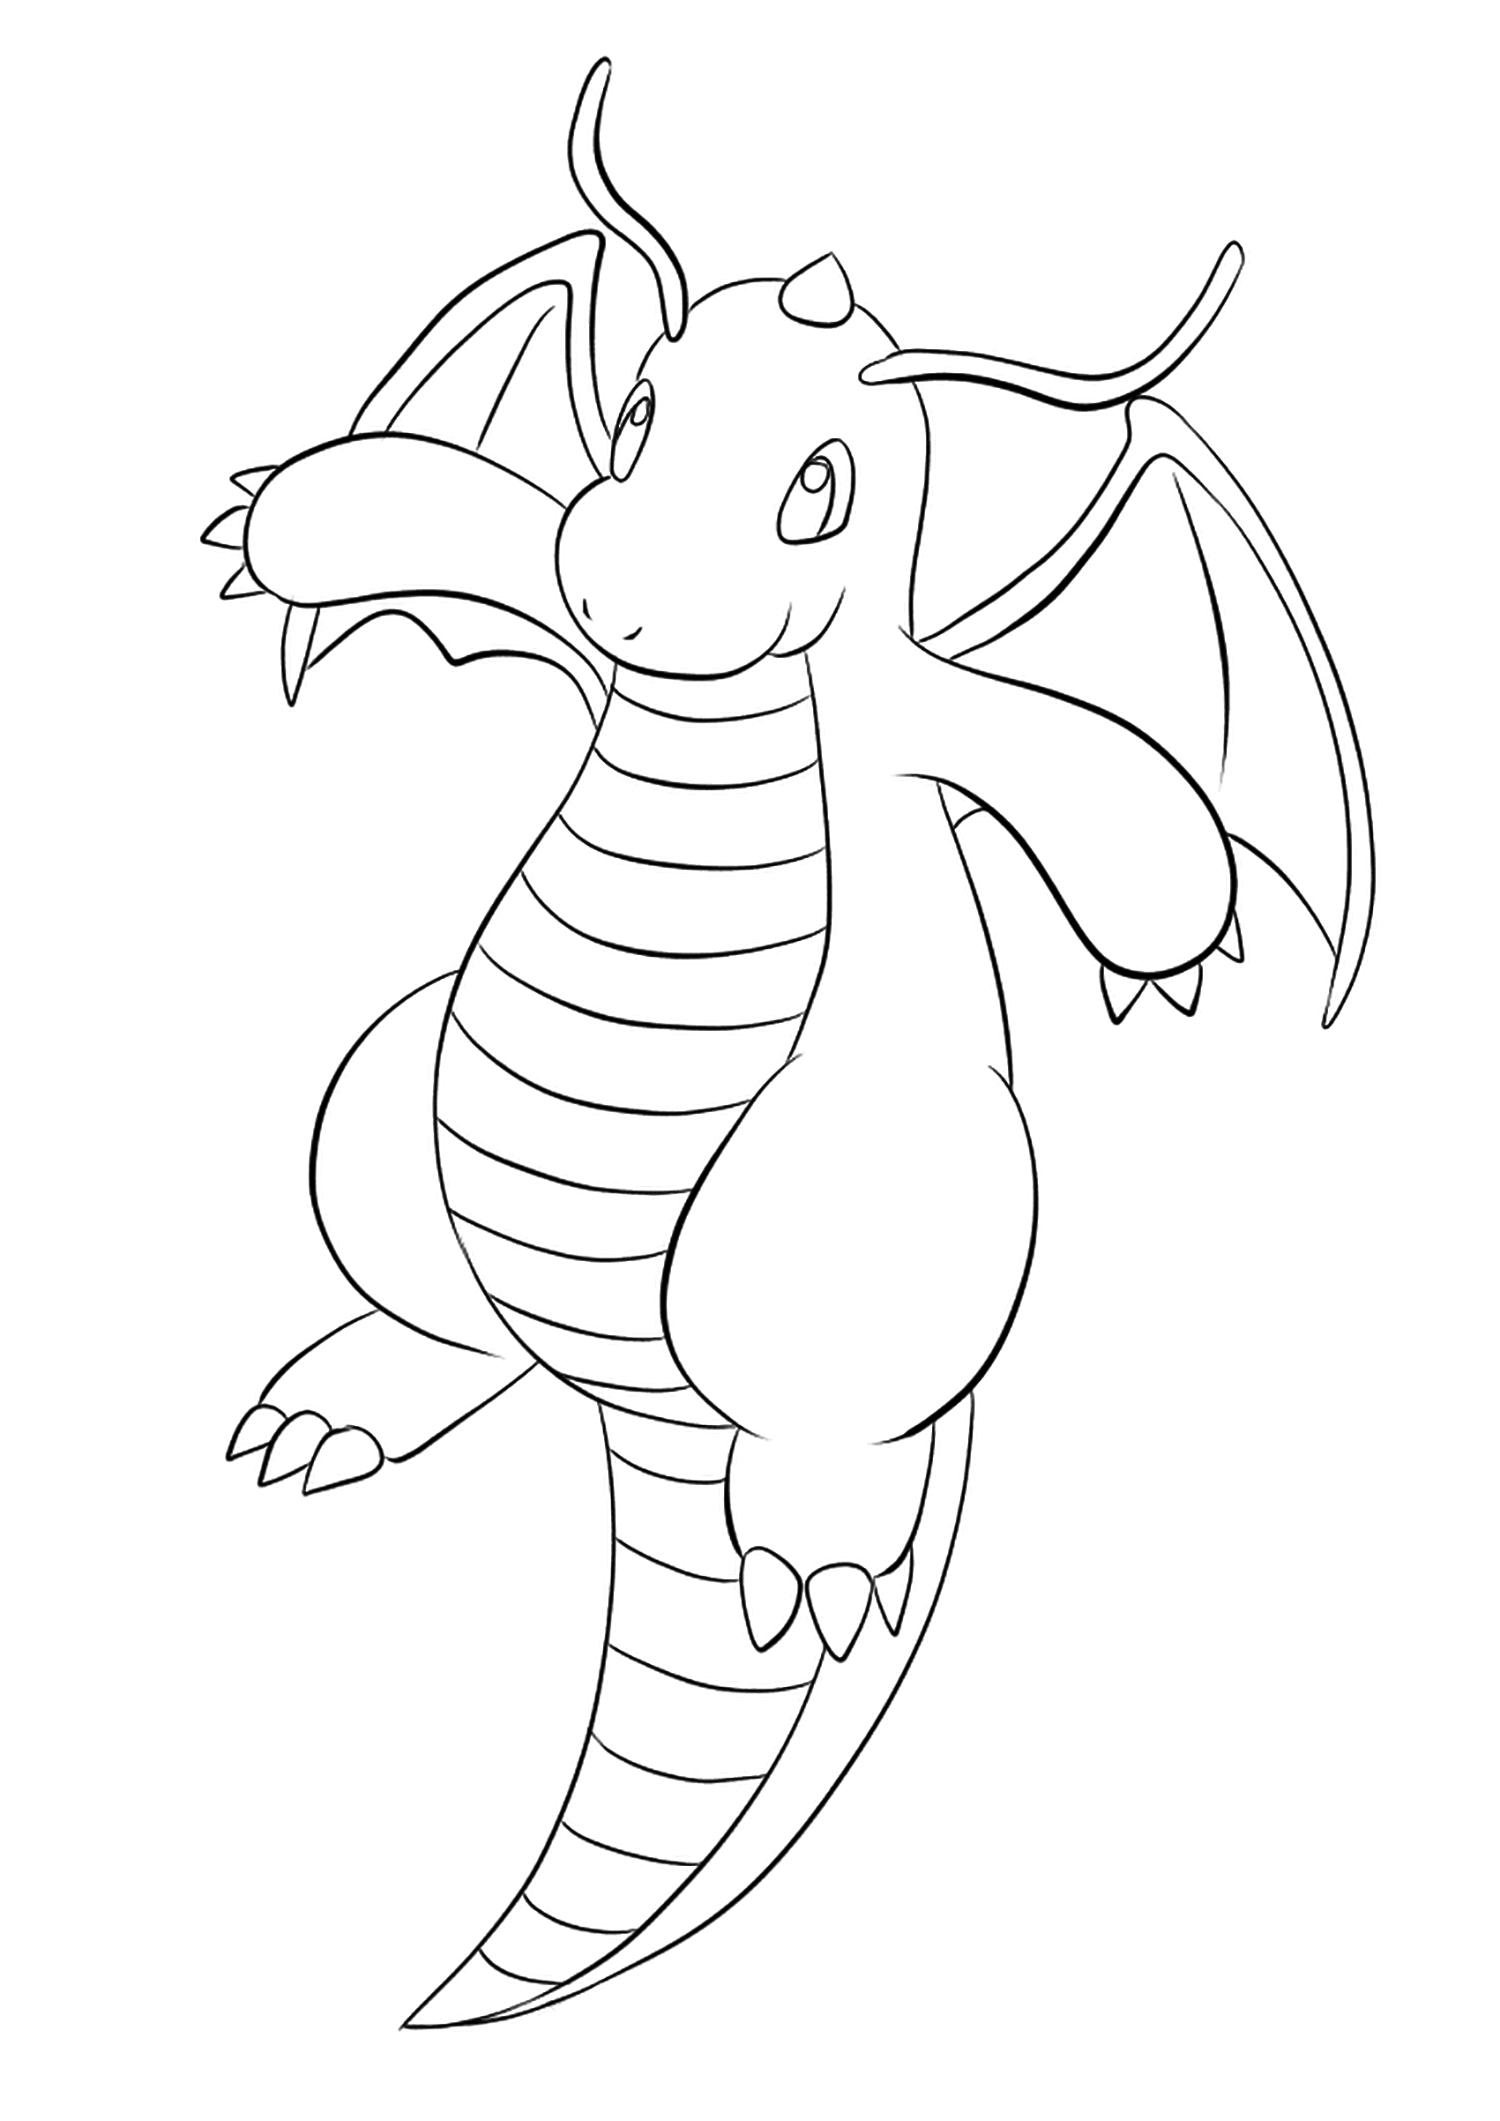 Dragonite No.149 : Pokemon Generation I - All Pokemon ...